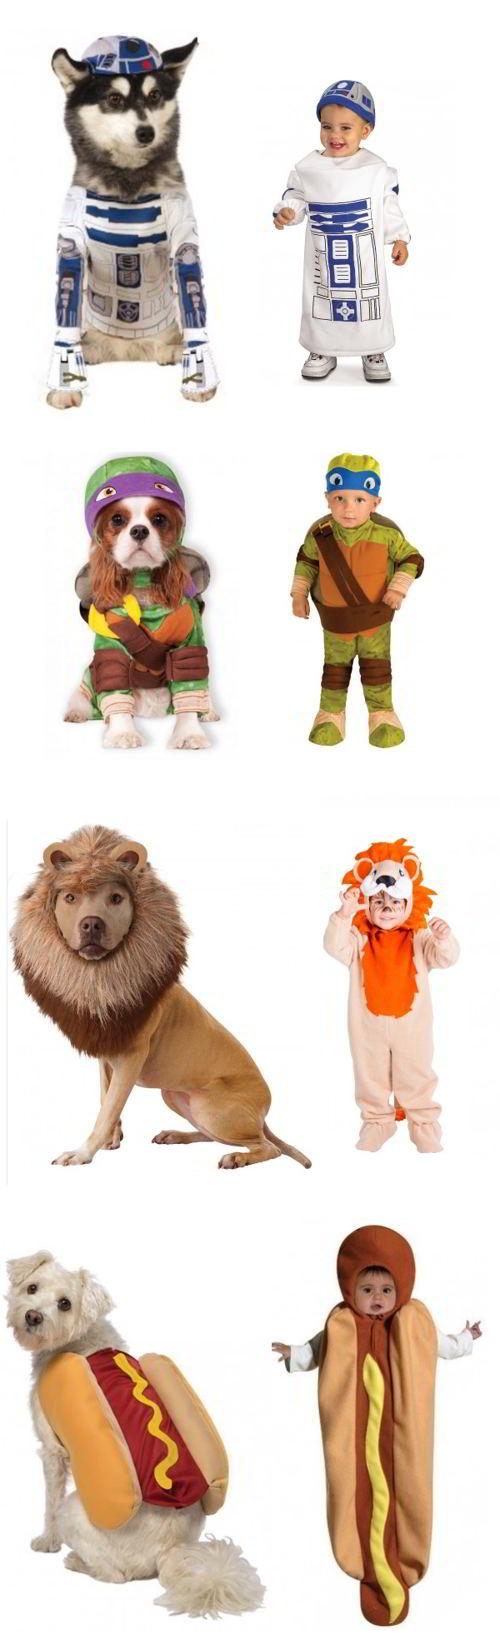 costumi di carnevale per cani